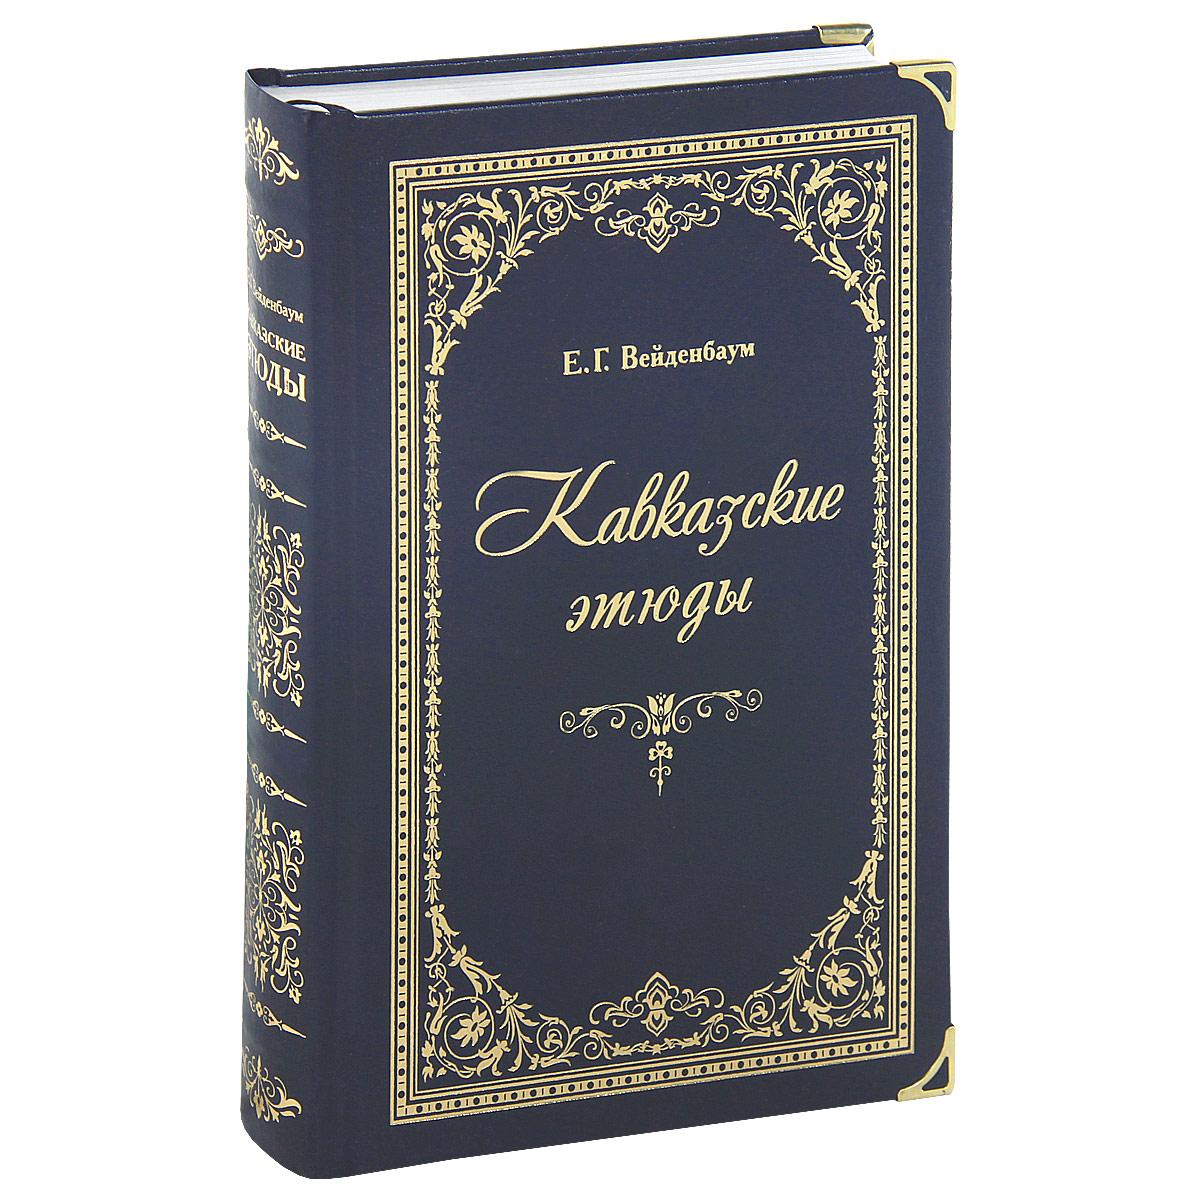 Е. Г. Вейденбаум Кавказские этюды (подарочное издание)